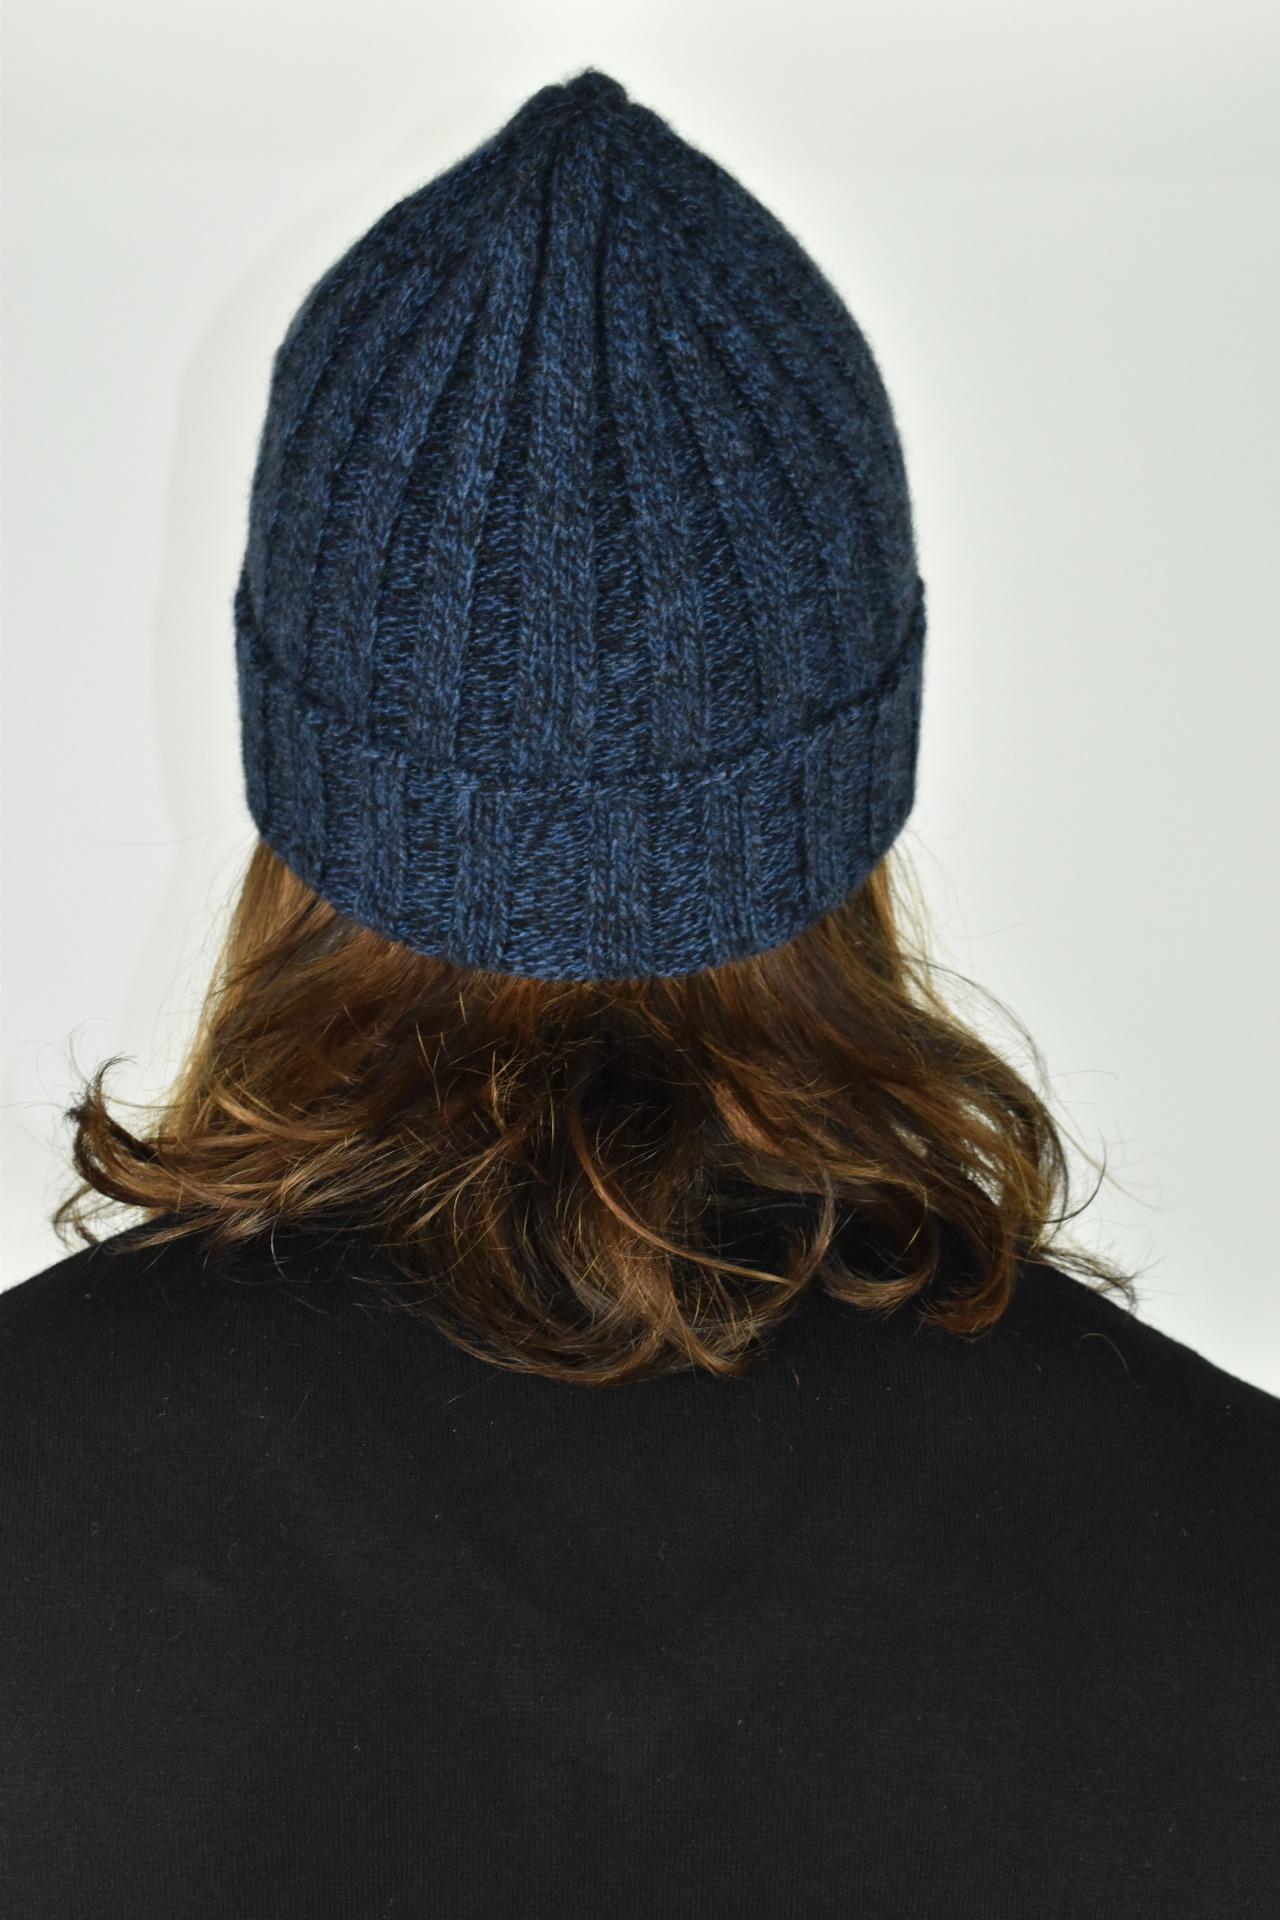 HENRYDARIO BLU CAPPELLINO UOMO 100 PURO CASHMERE 2 1stAmerican cappellino 100% puro cashmere Made in Italy da uomo - caldo berretto invernale a coste larghe